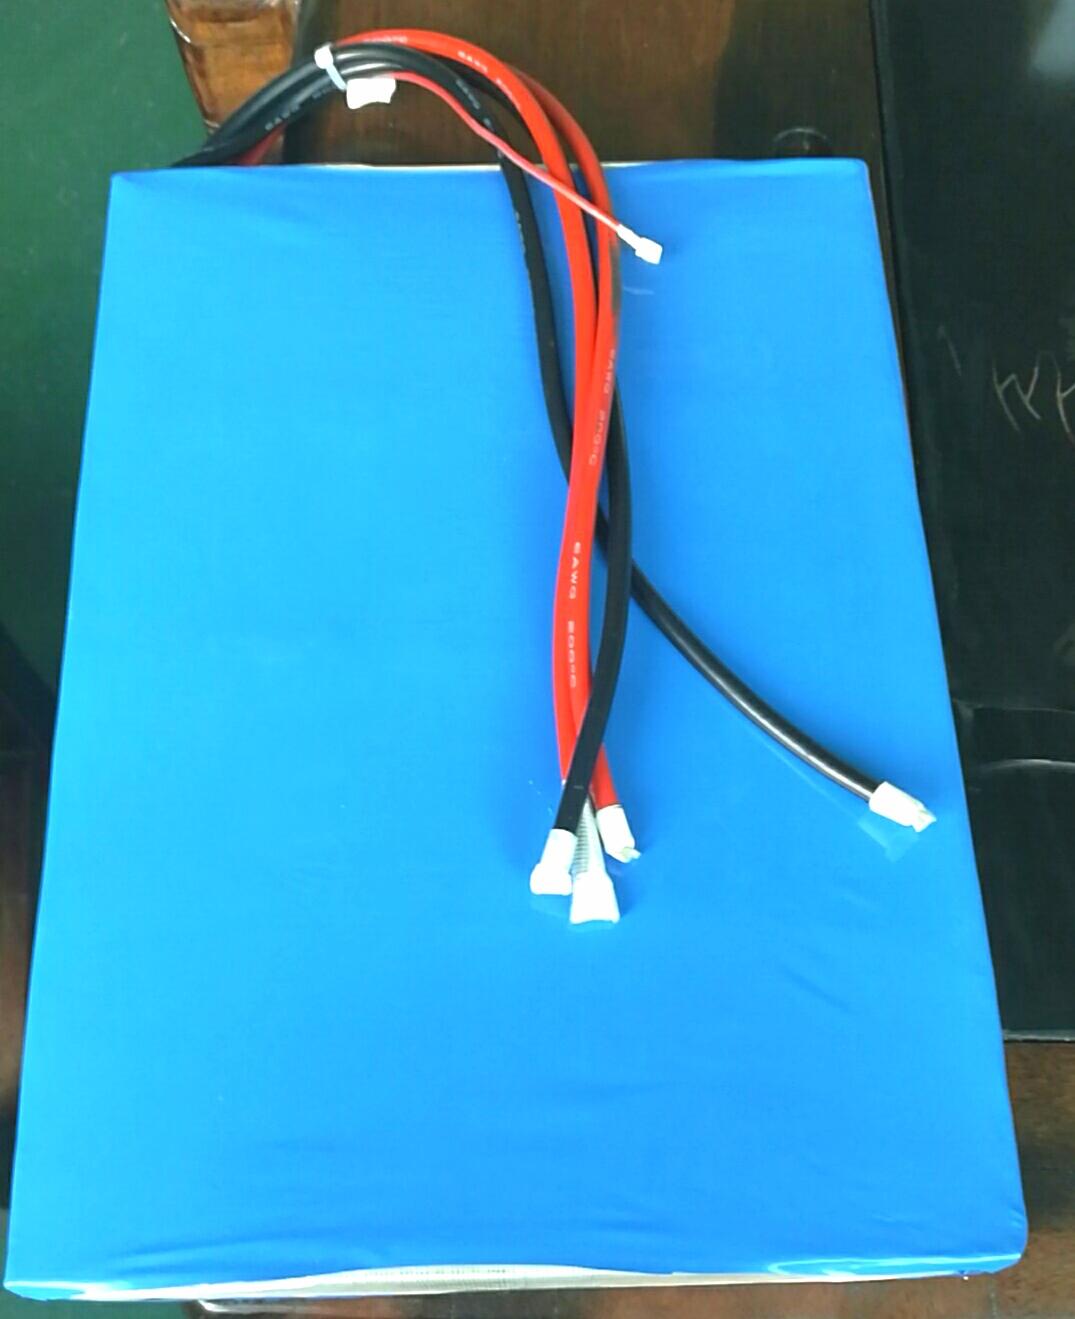 衝浪板鋰電池